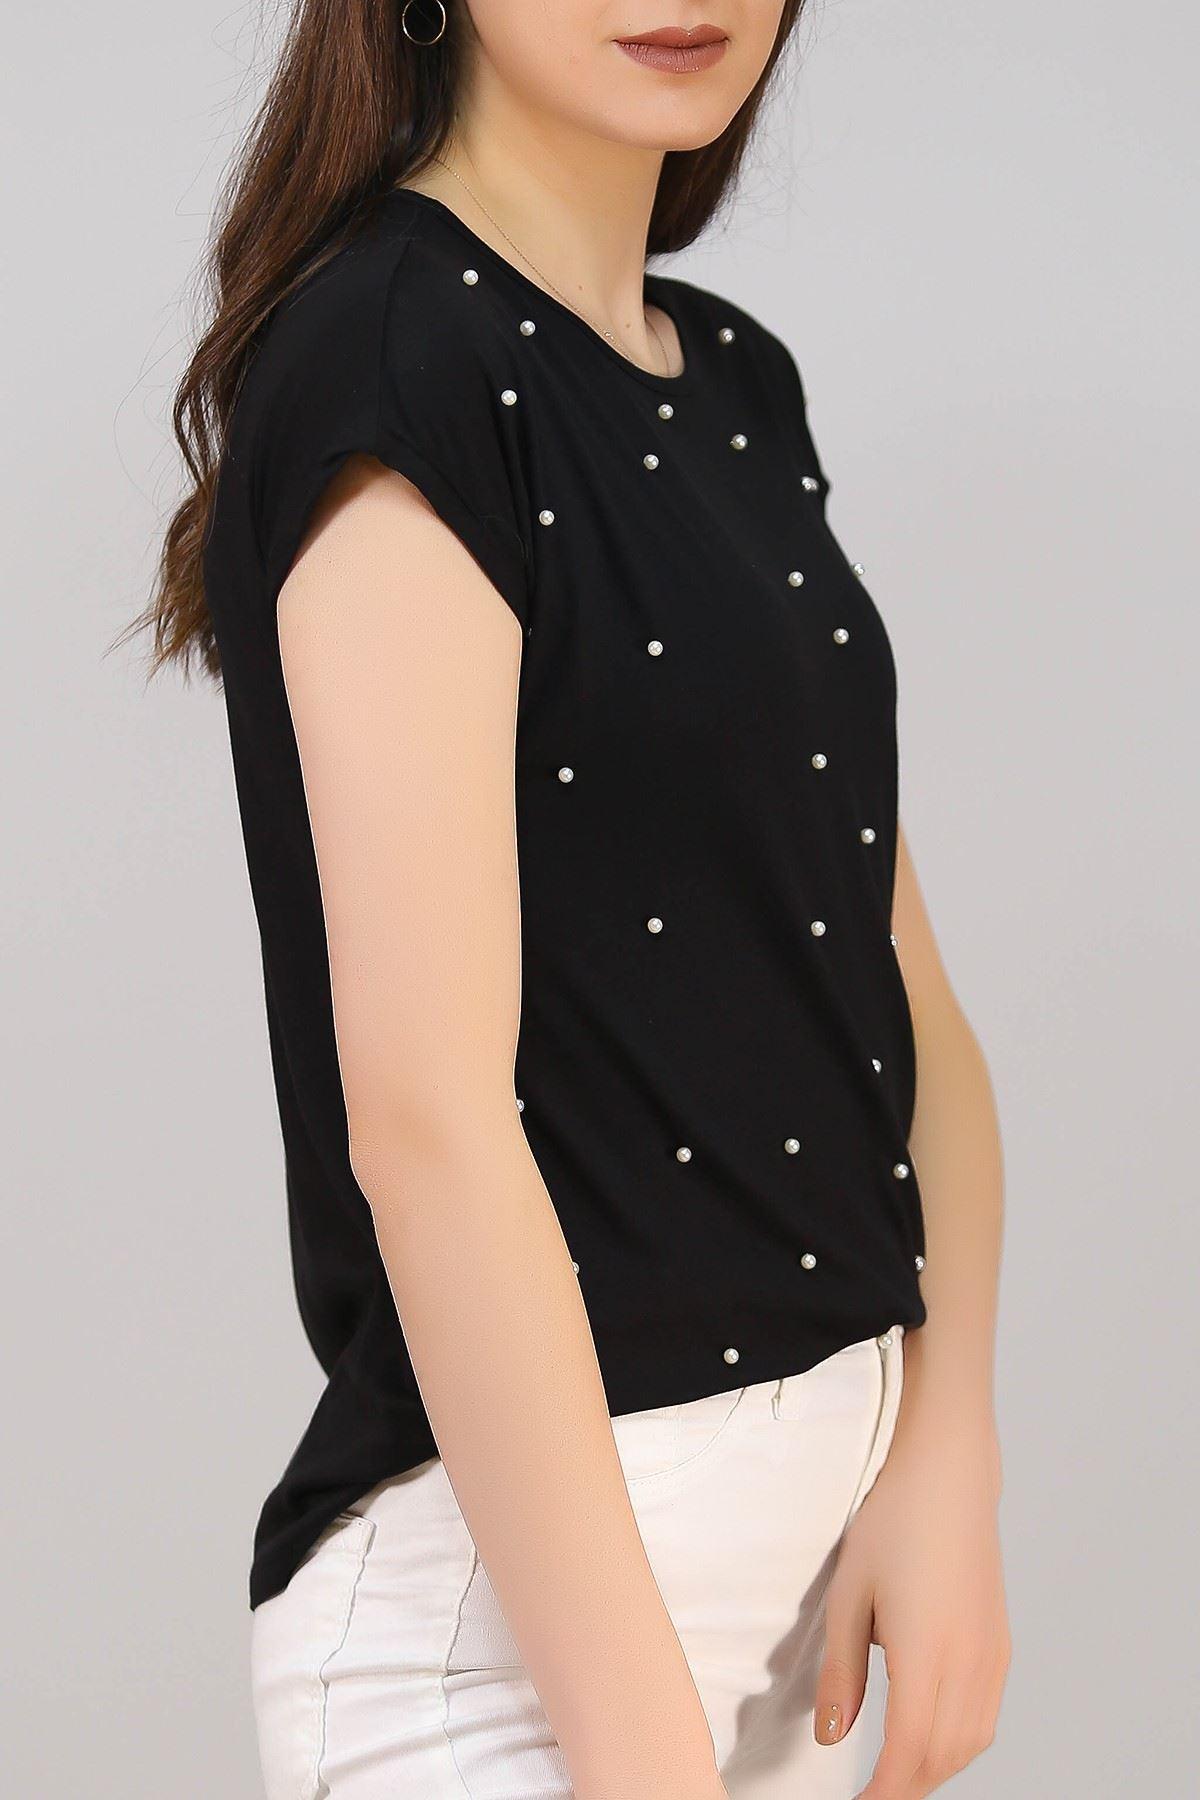 İnci Taşlı Tişört Siyah - 5040.139.